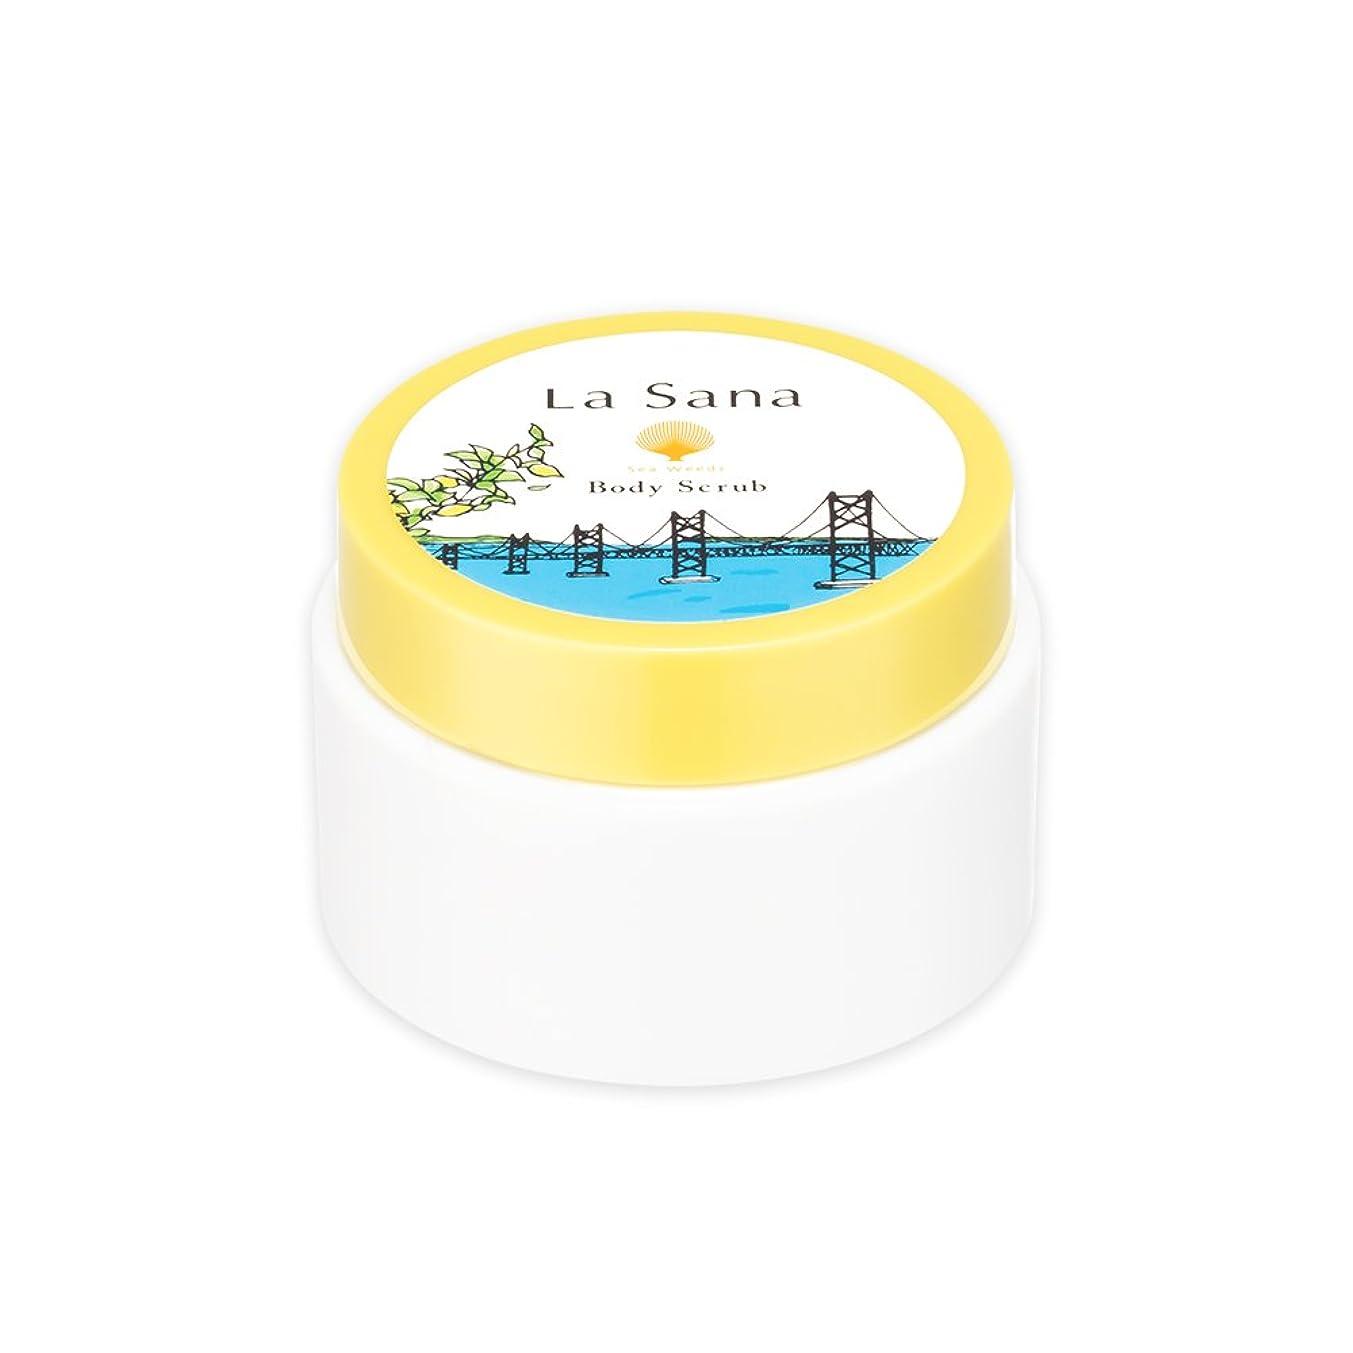 航空石炭無謀ラサーナ La sana 海藻 ボディ スクラブ 100g 限定 瀬戸内レモンの香り ボディケア 日本製 (約1ヵ月分)